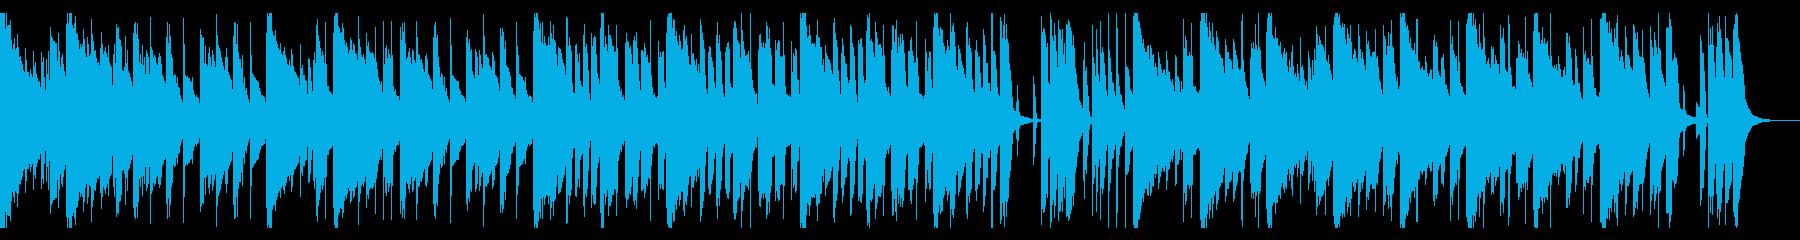 ちびっ子の運動会 マリンバの再生済みの波形